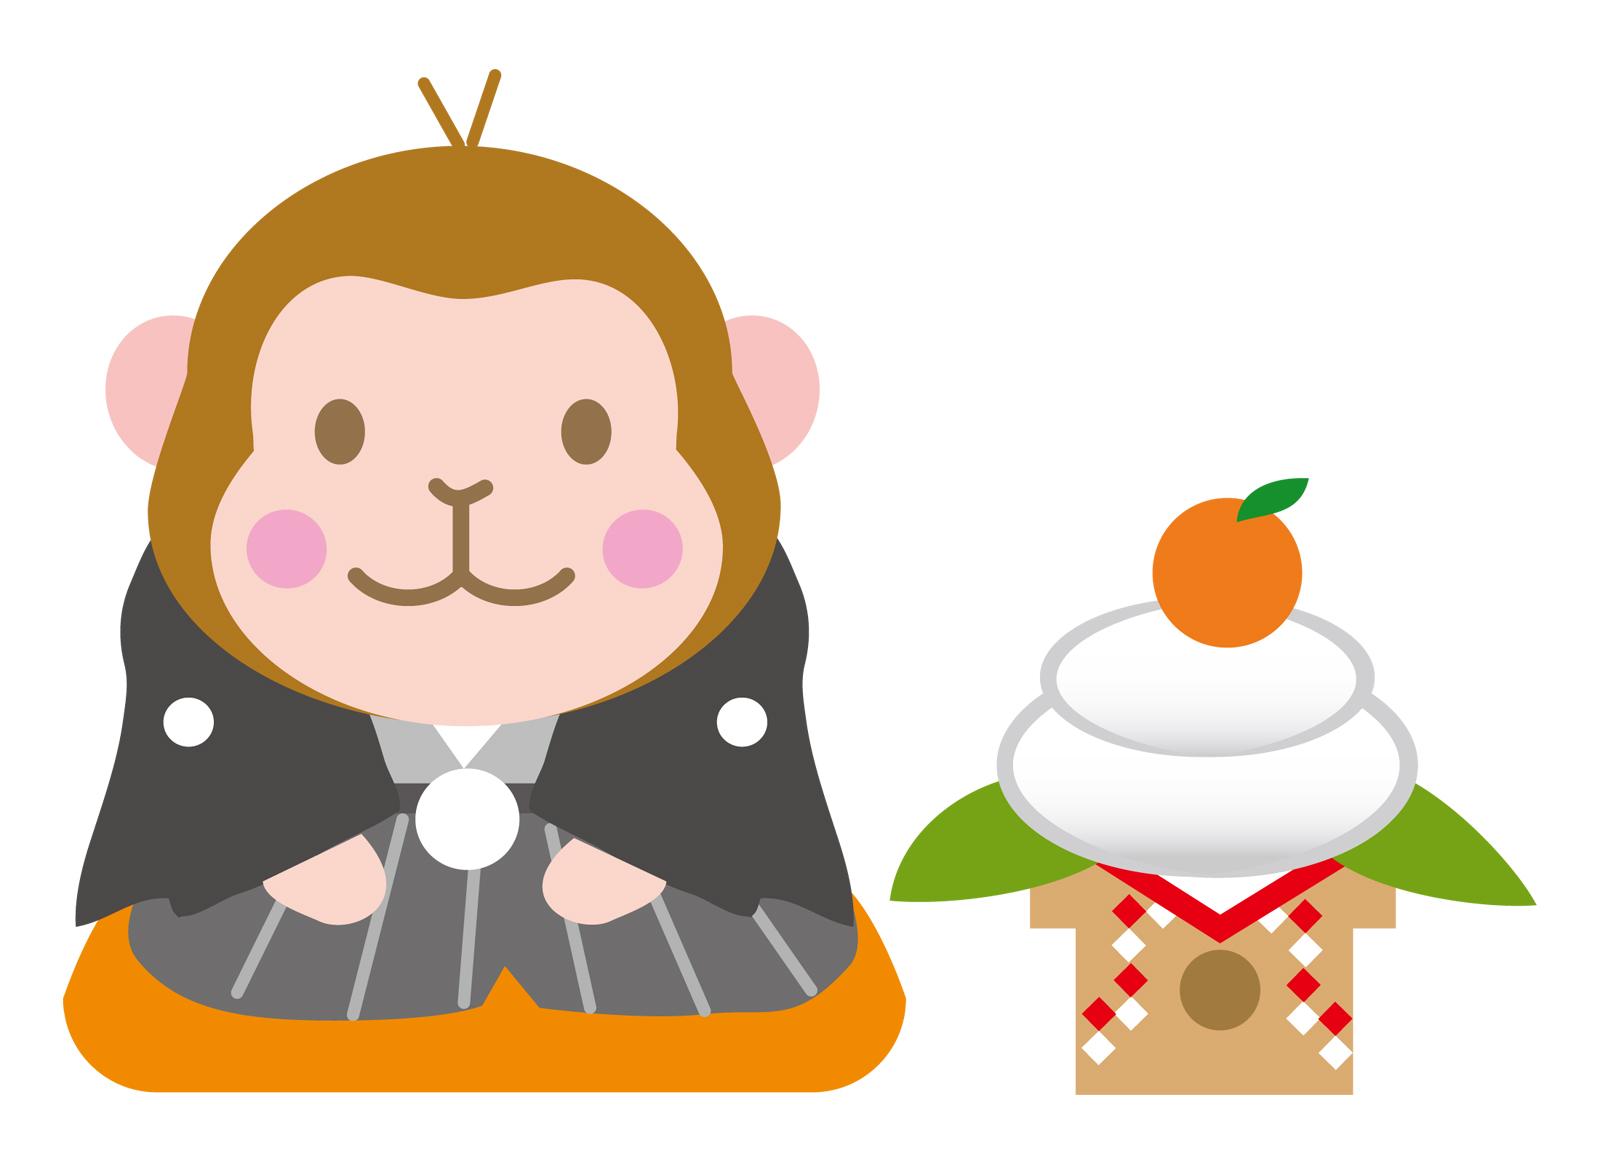 年賀状に使えるおしゃれな猿のイラスト無料素材と画像サイト♪ | 福来たる